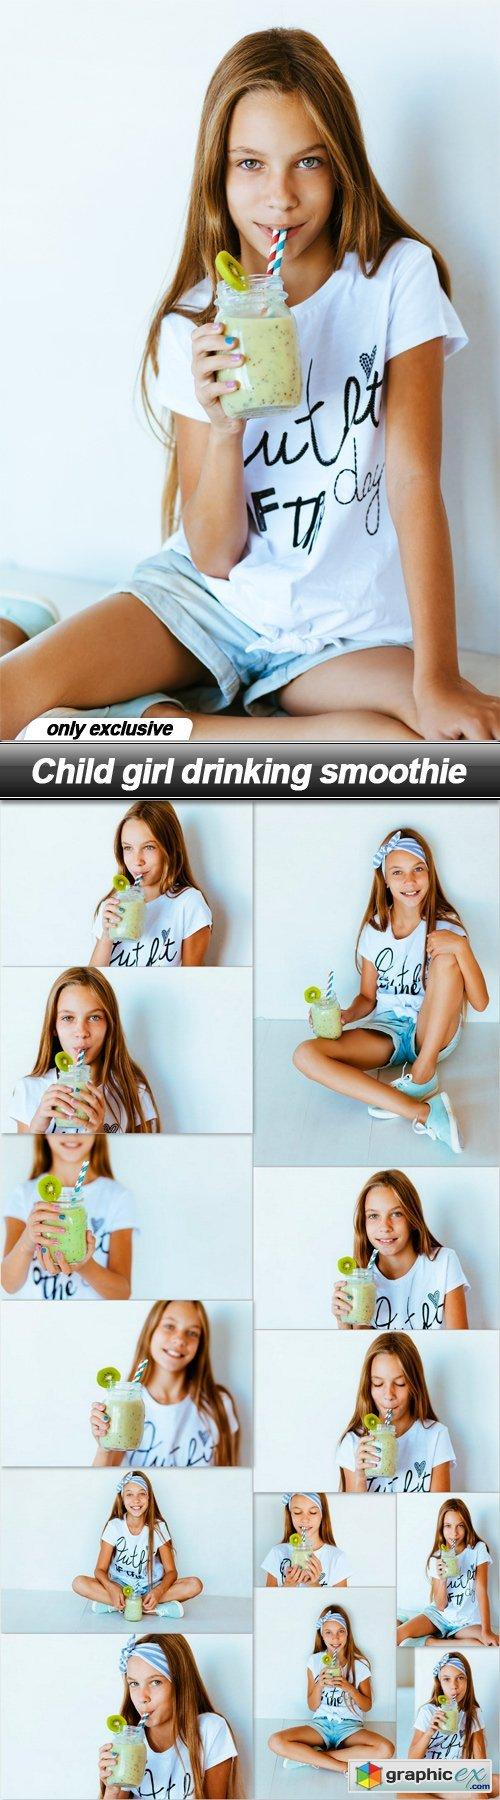 Child girl drinking smoothie - 13 UHQ JPEG